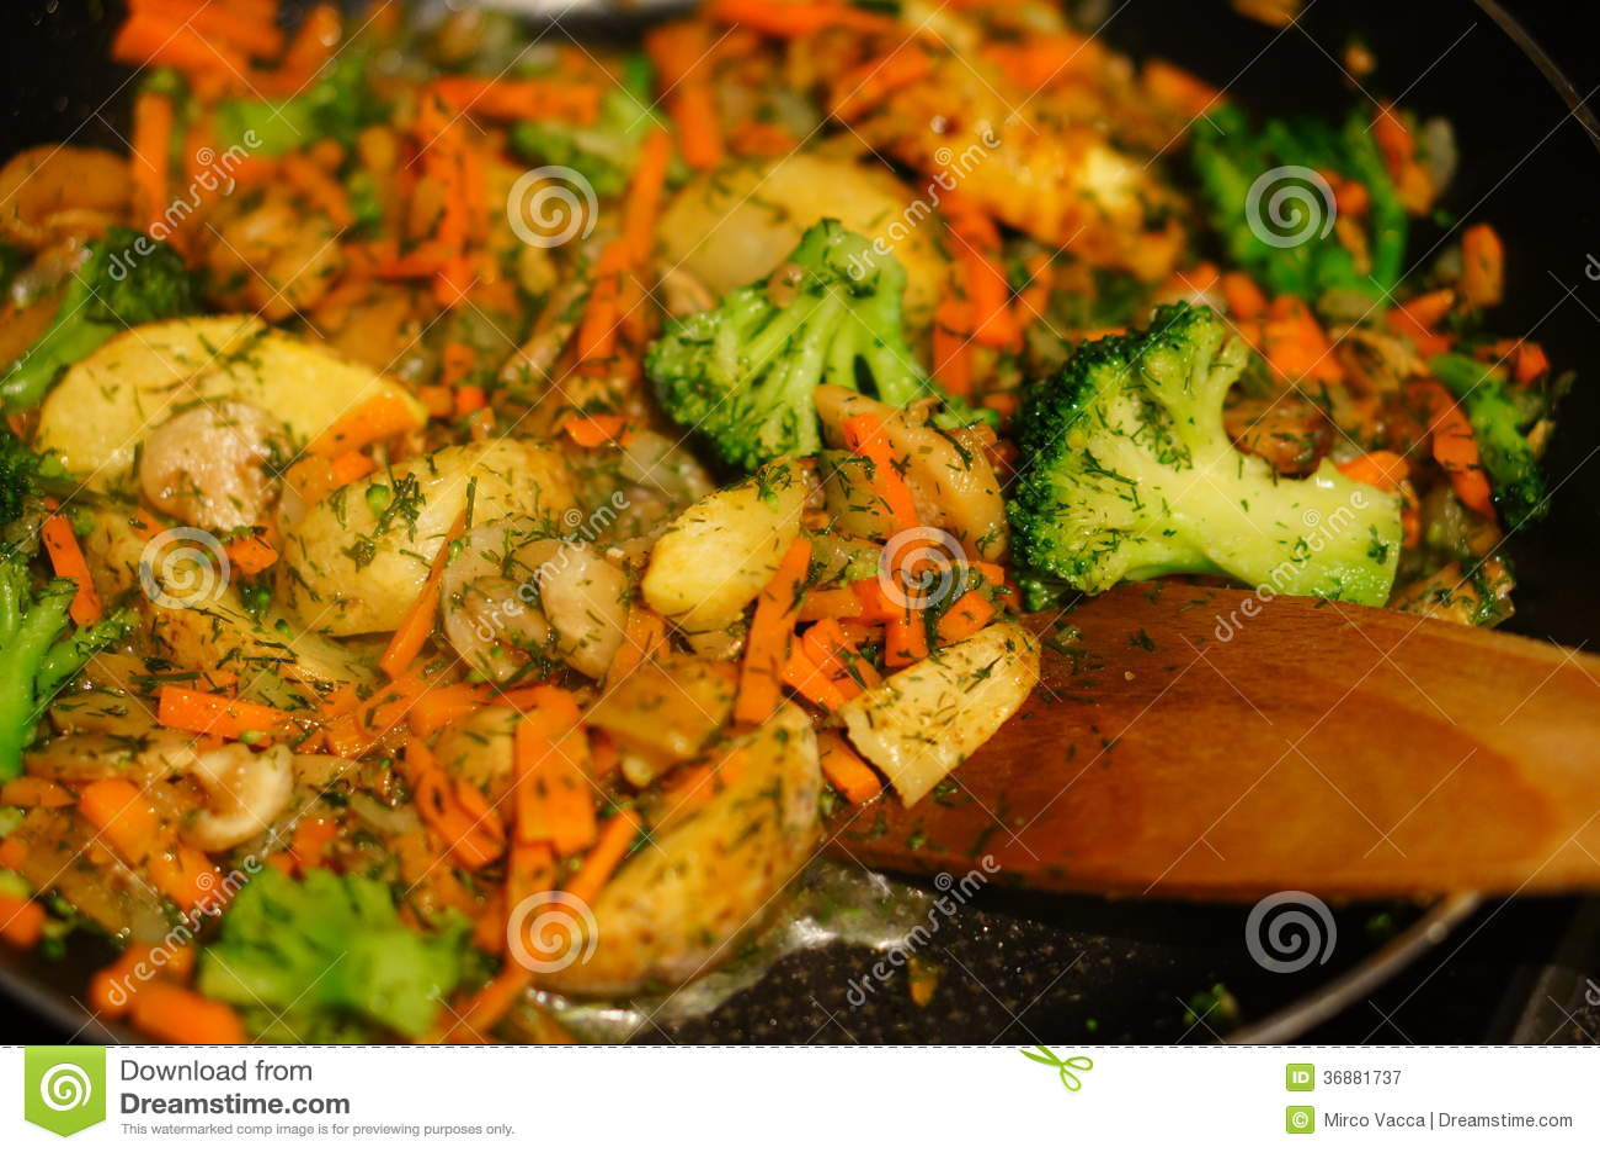 Download Tagli le verdure immagine stock. Immagine di verdure - 36881737